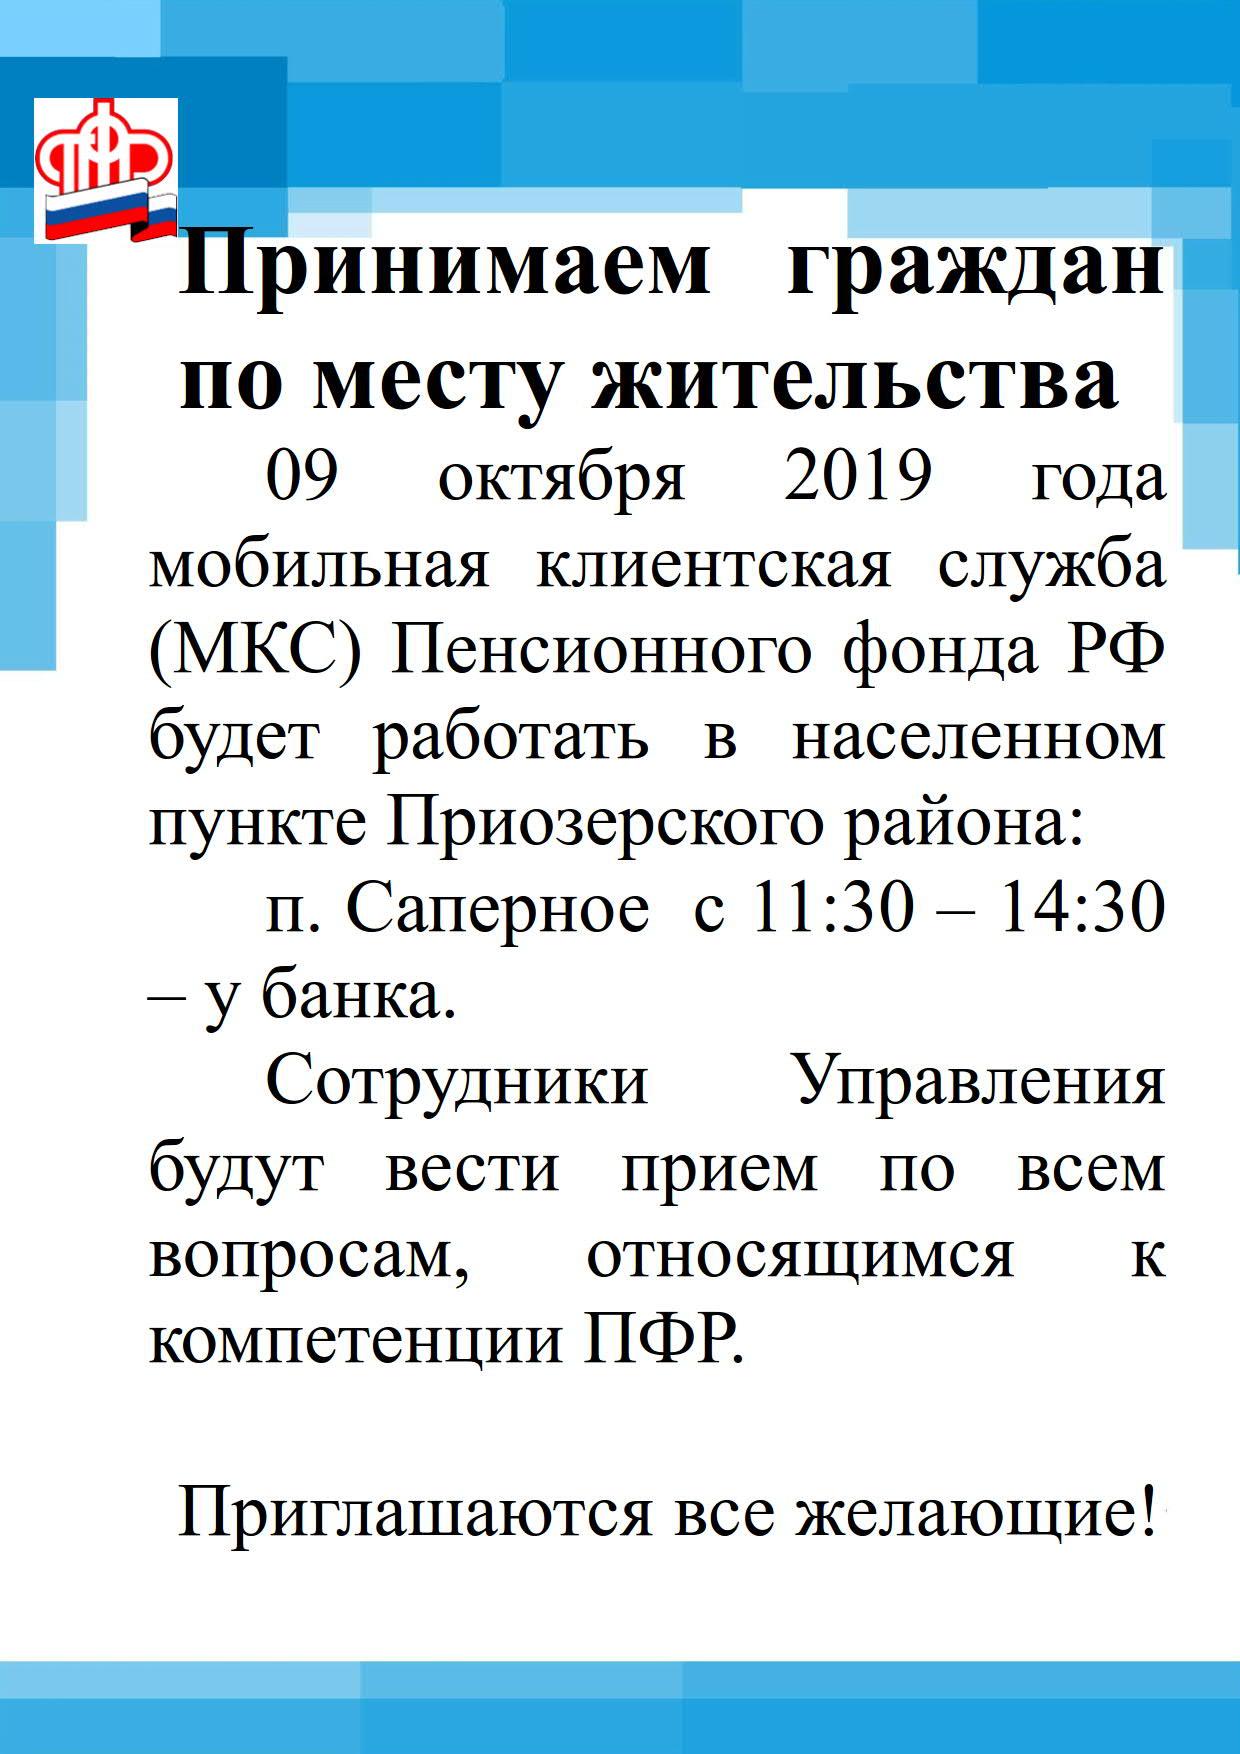 САПЕРНОЕ 0910_1